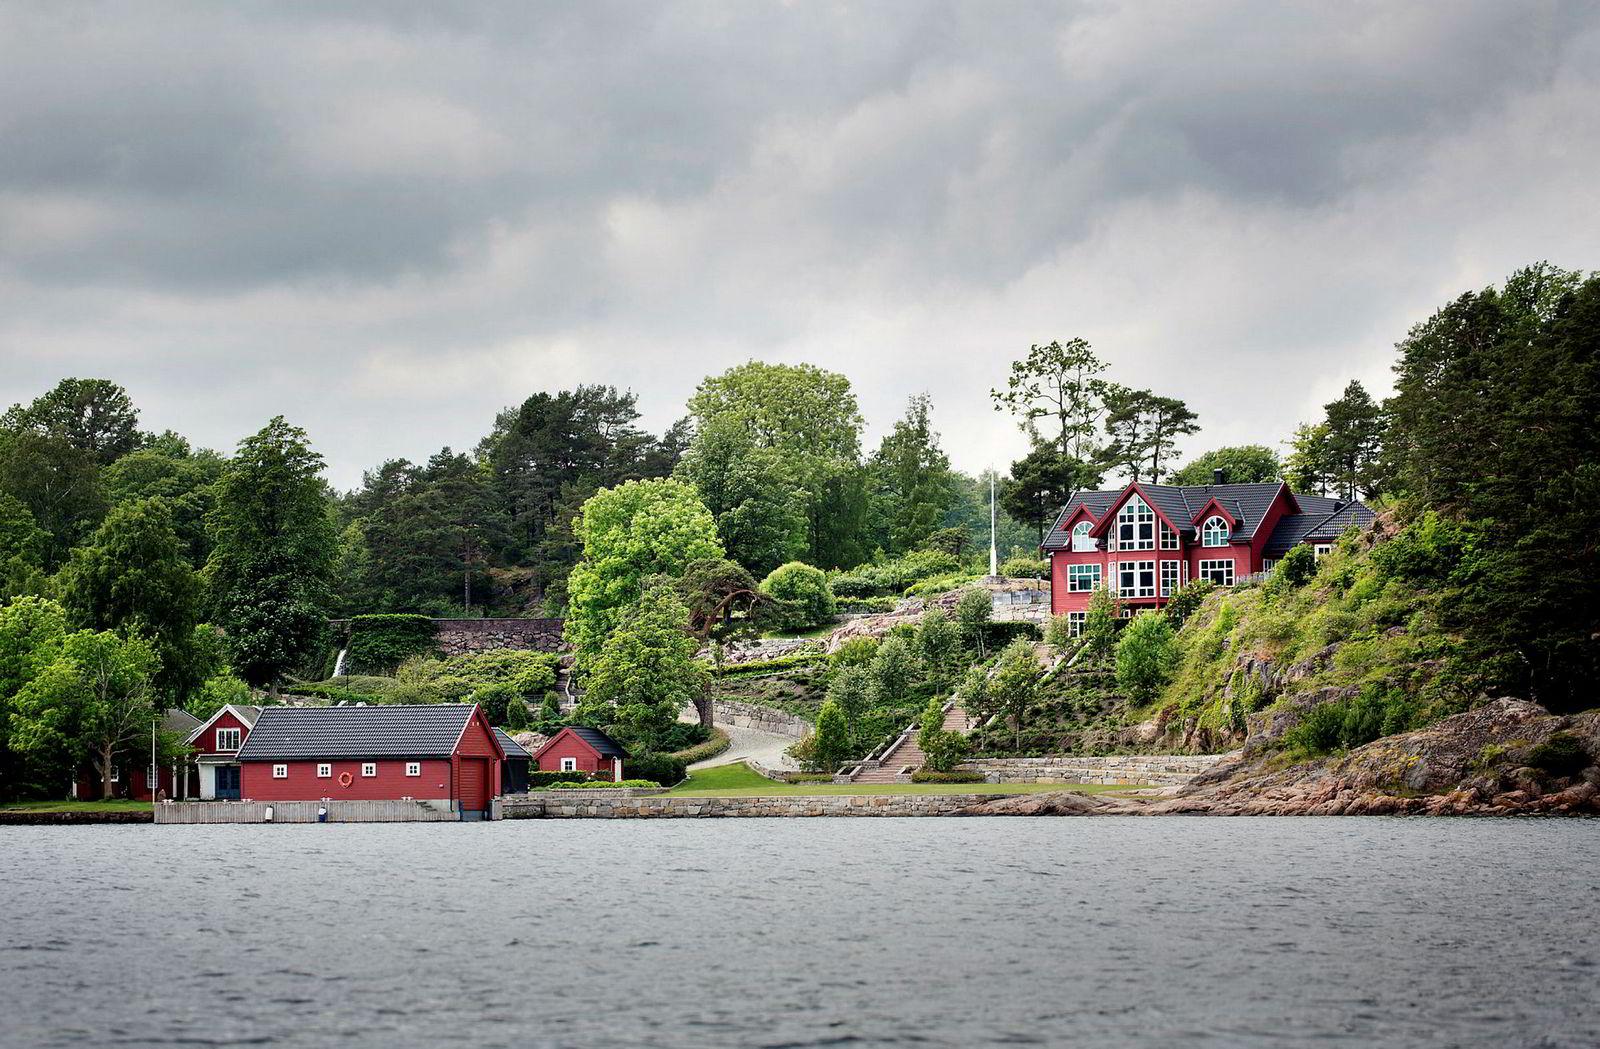 I Vikkilen i Grimstad både bor og jobber Einar Aas. Huset kjøpte han i 2004, og i årene som fulgte kjøpte han opp flere naboeiendommer.